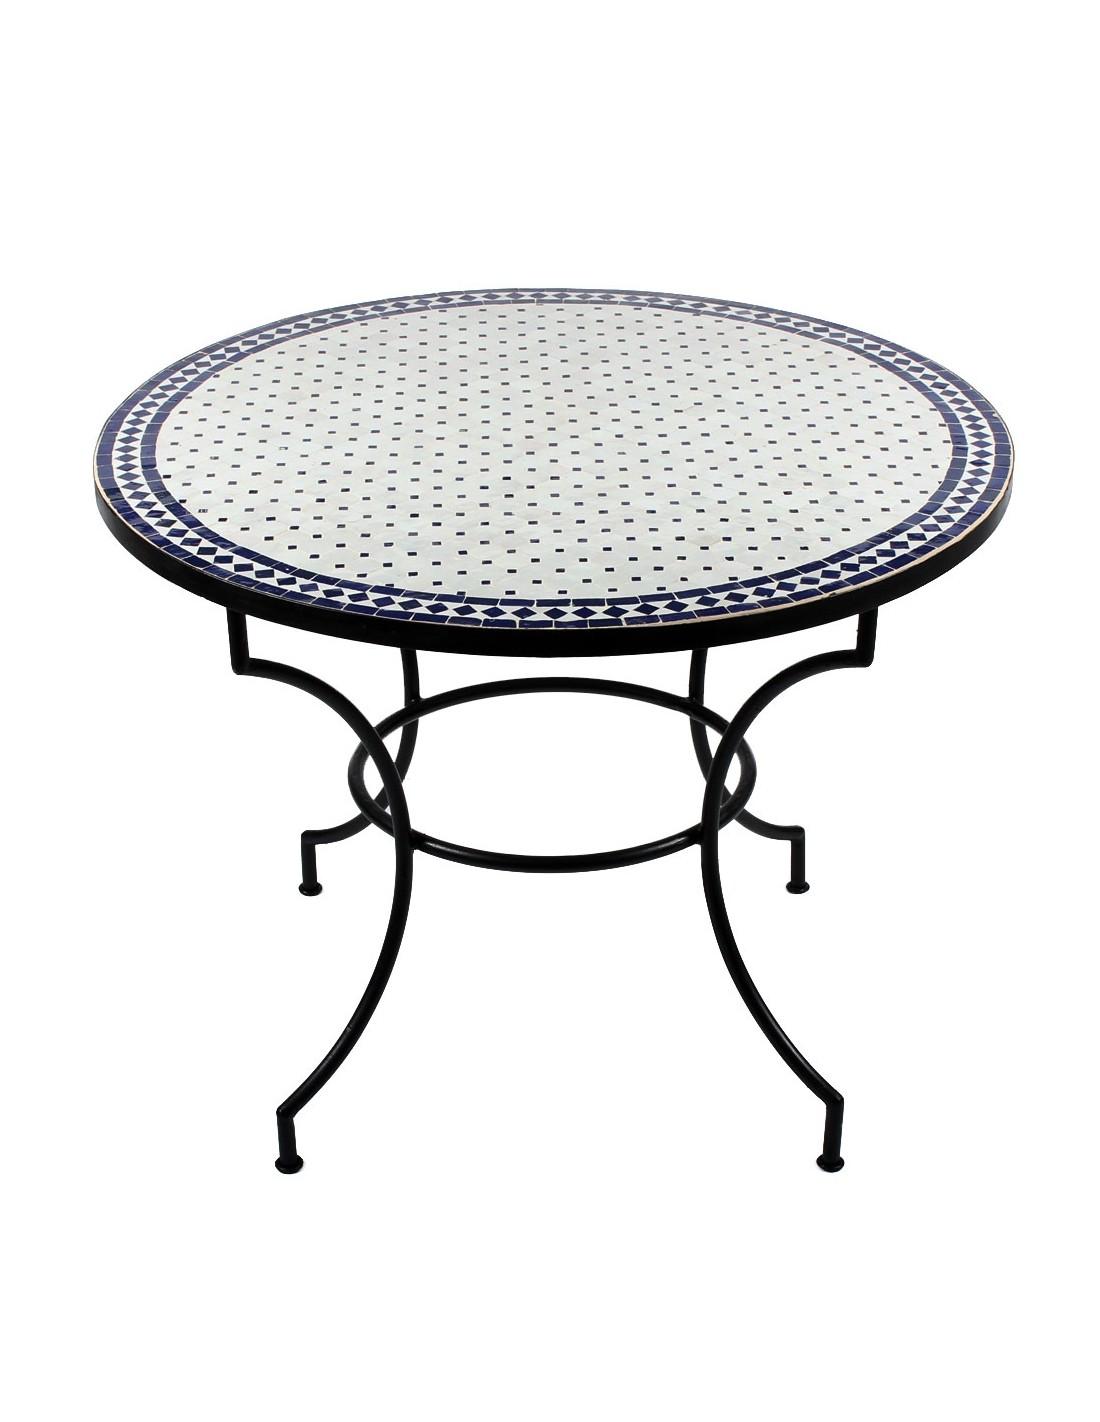 esstisch rund wei 100 cm cool mosaiktisch maar blau cm with esstisch rund wei 100 cm finest no. Black Bedroom Furniture Sets. Home Design Ideas